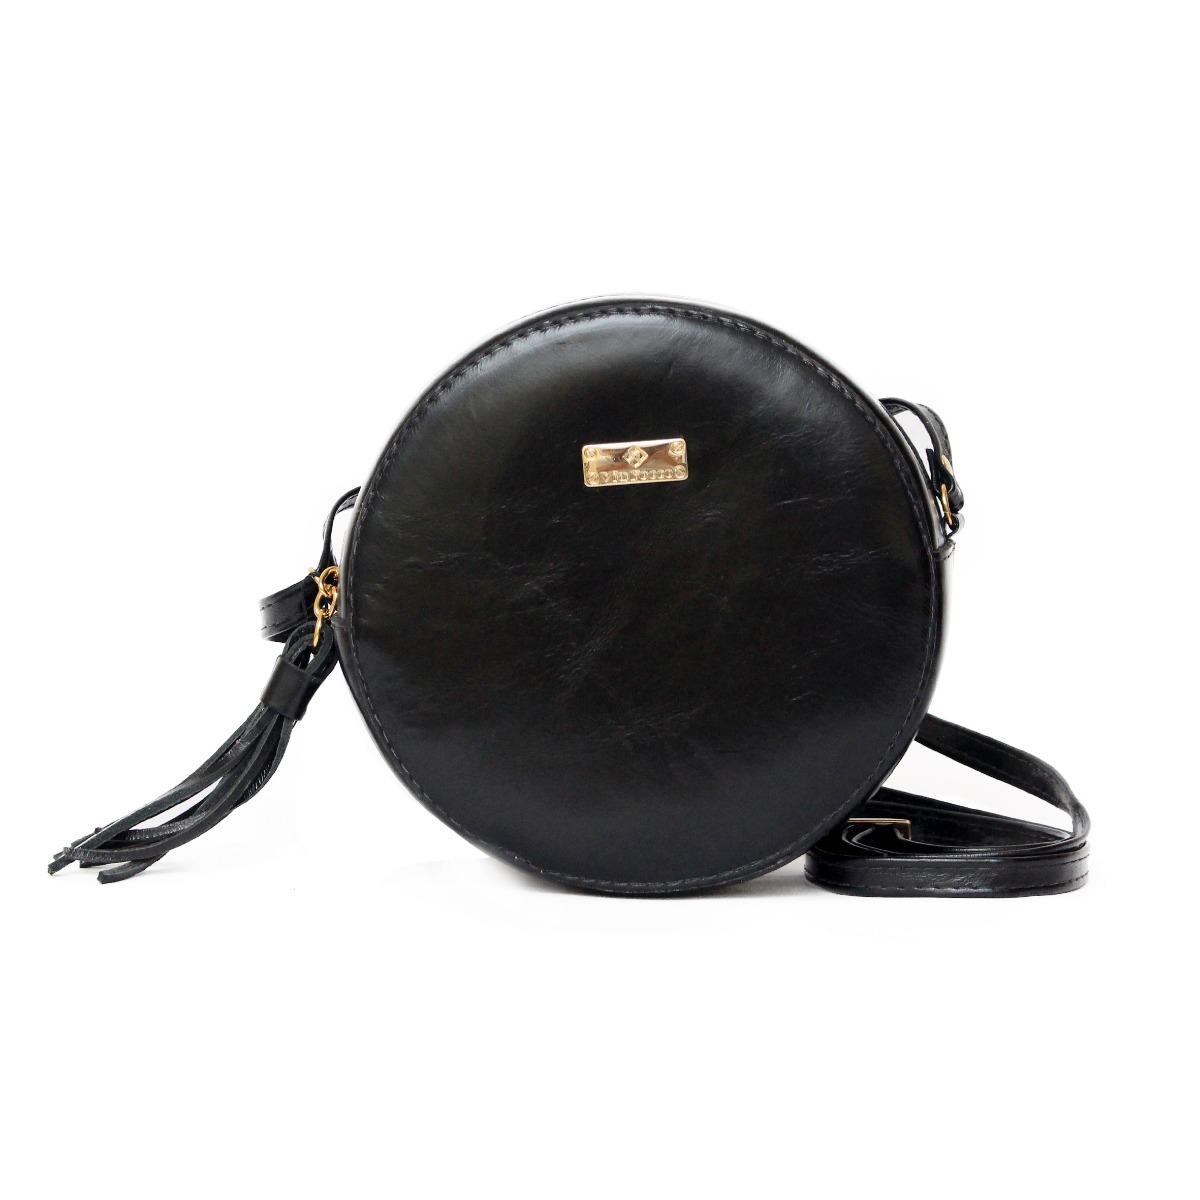 08f44be37 Bolsas Femininas Baratas De Couro Legítimo - R$ 99,90 em Mercado Livre